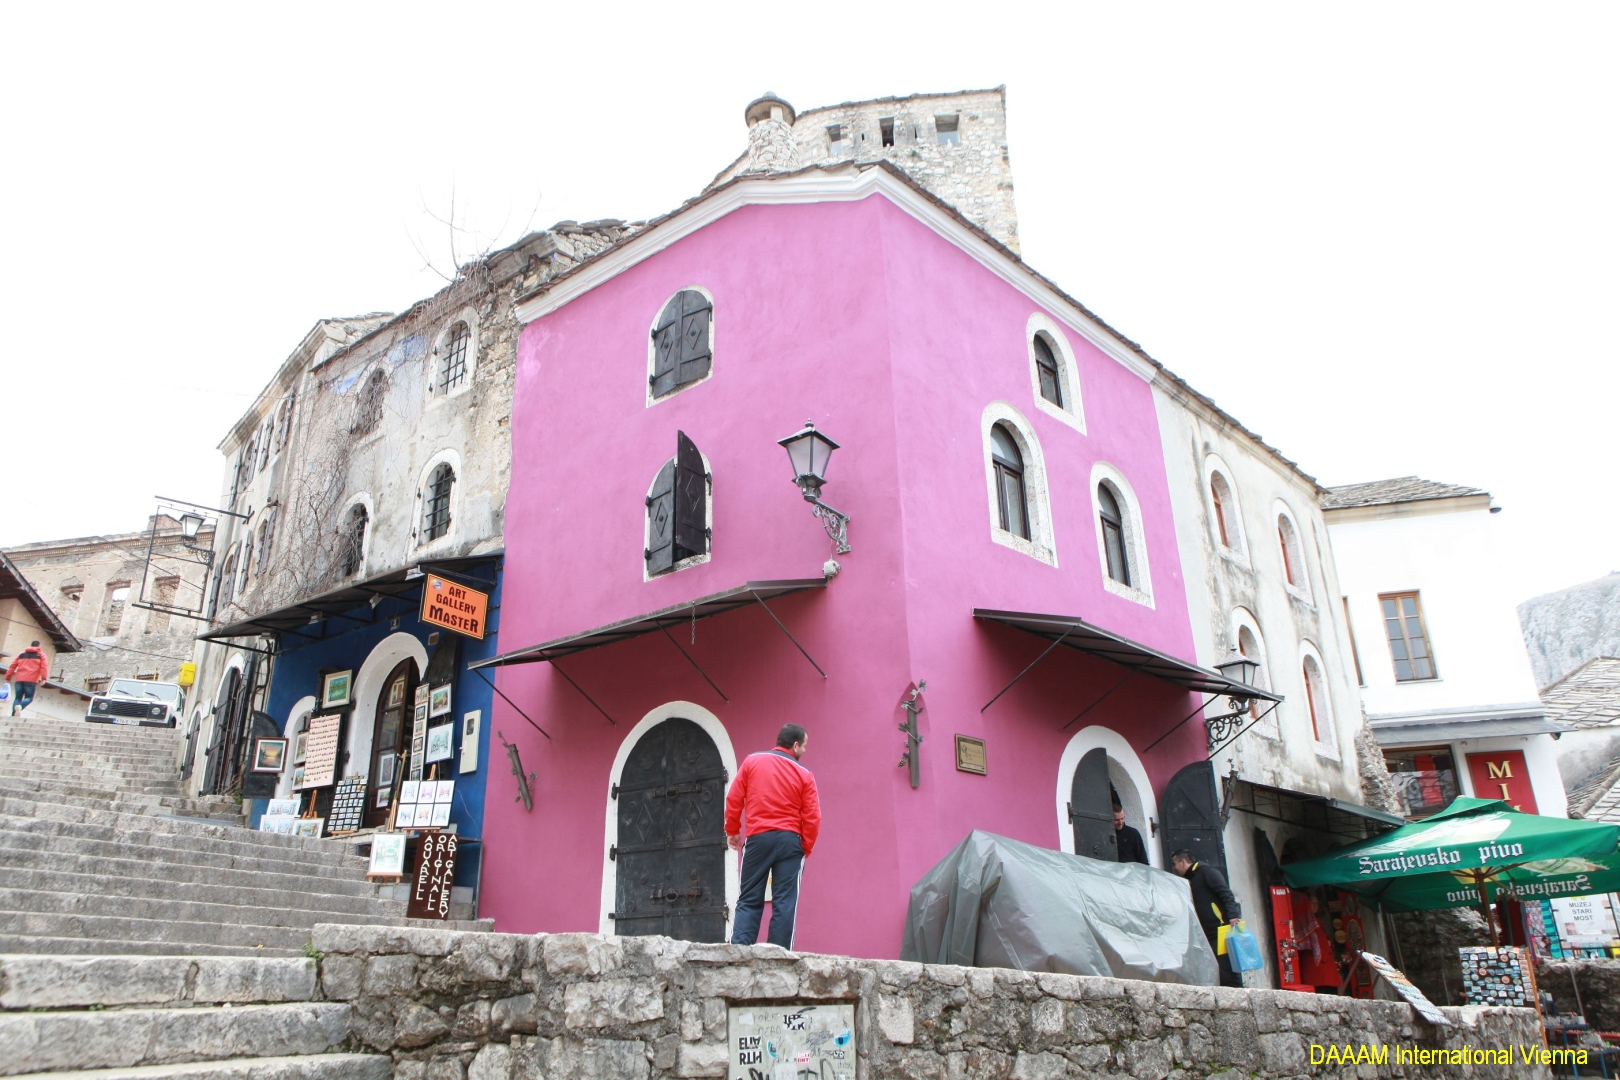 DAAAM_2016_Mostar_01_Magic_City_of_Mostar_085